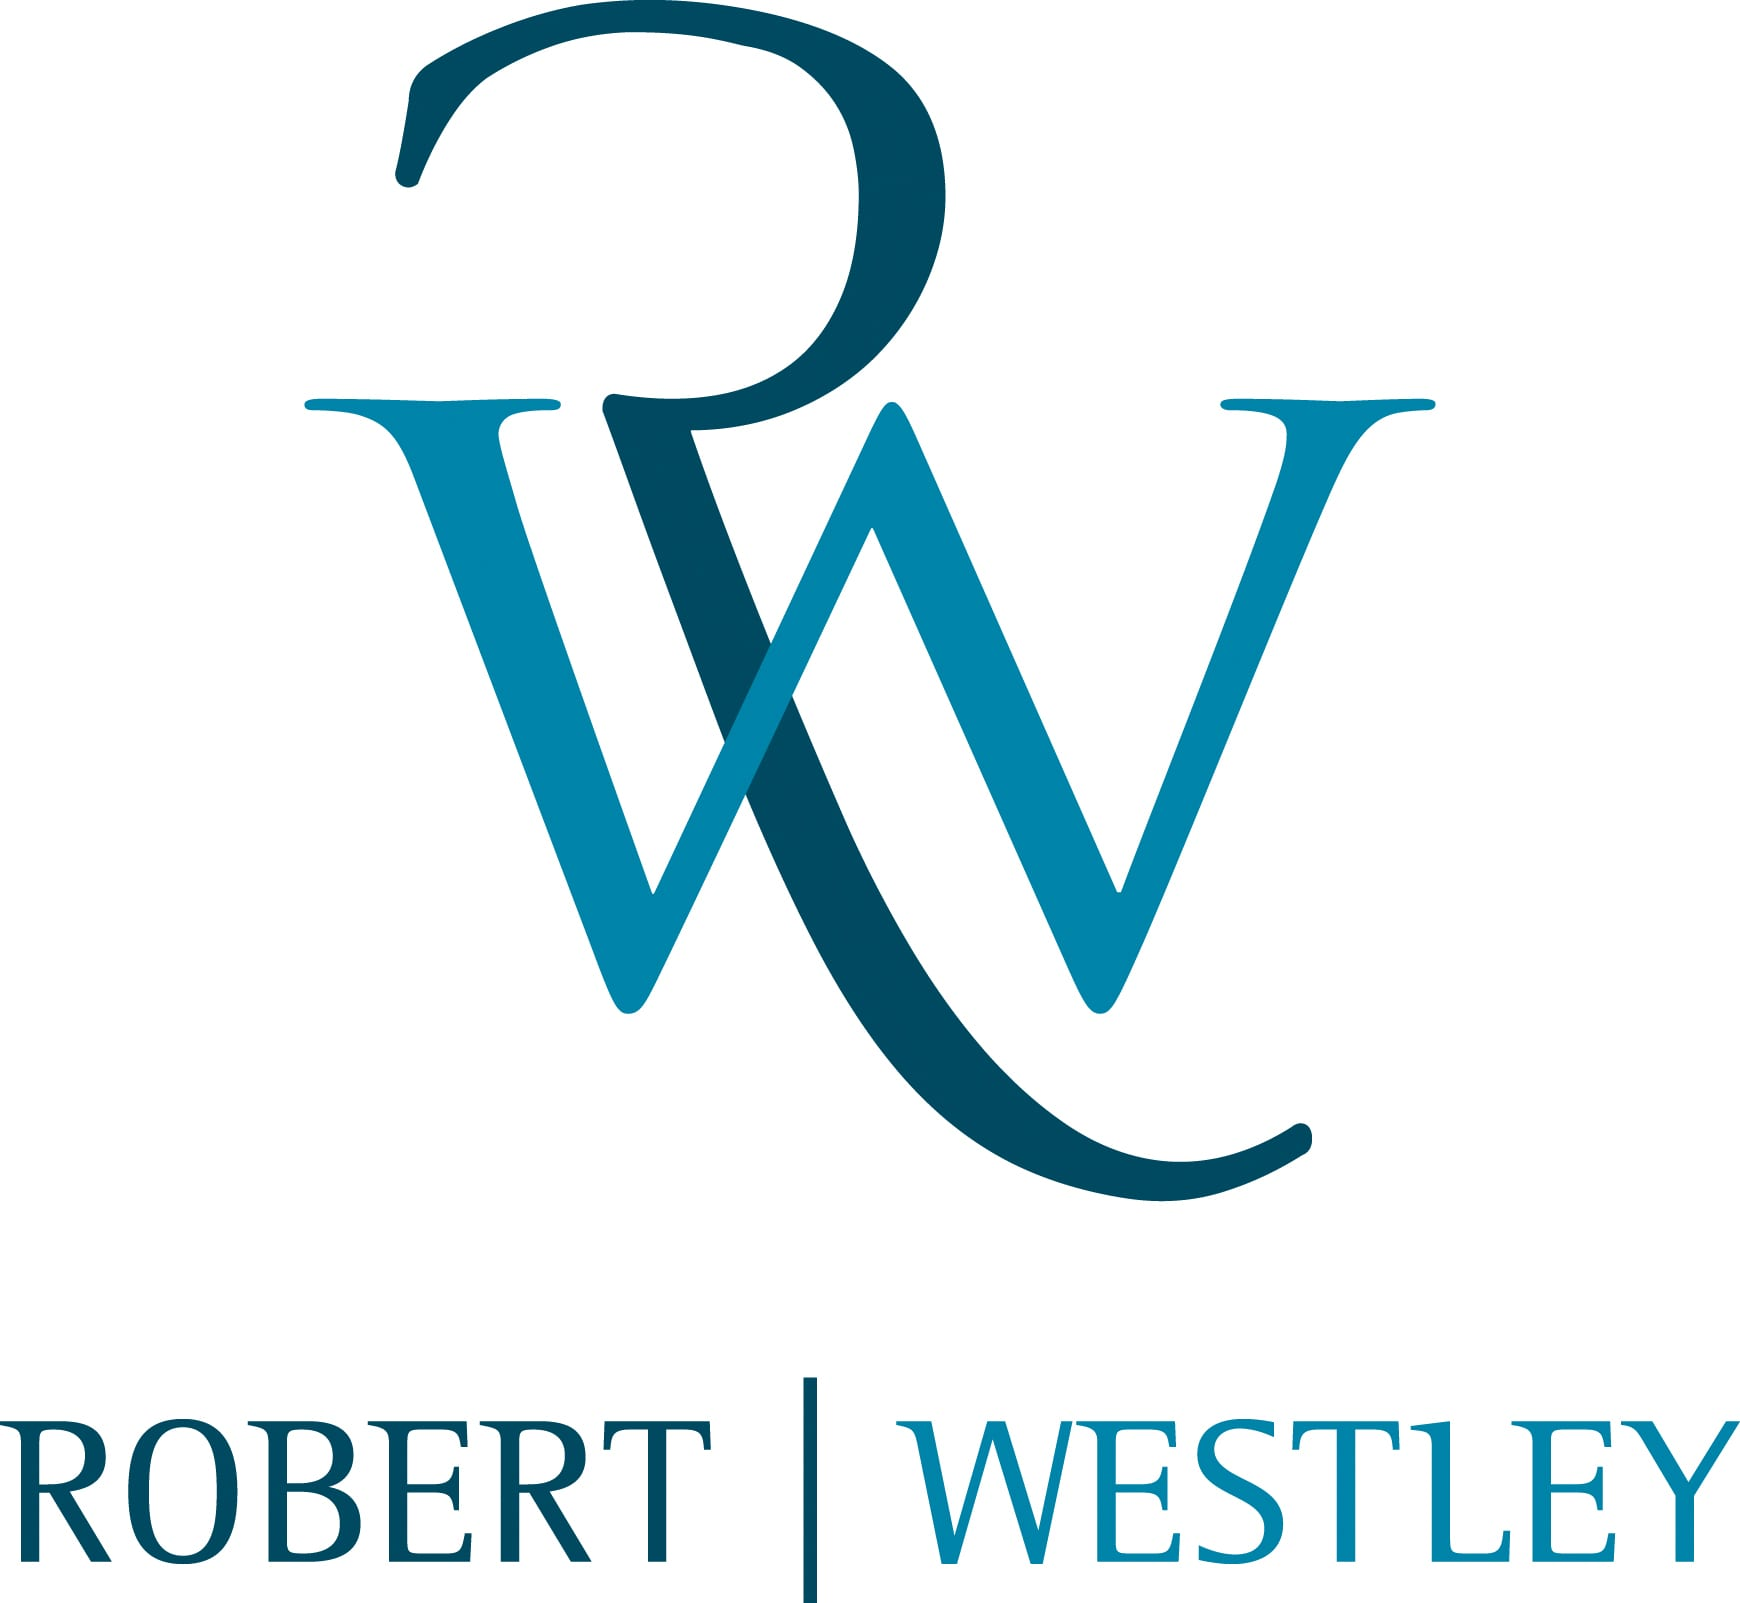 Robert Westley Designs